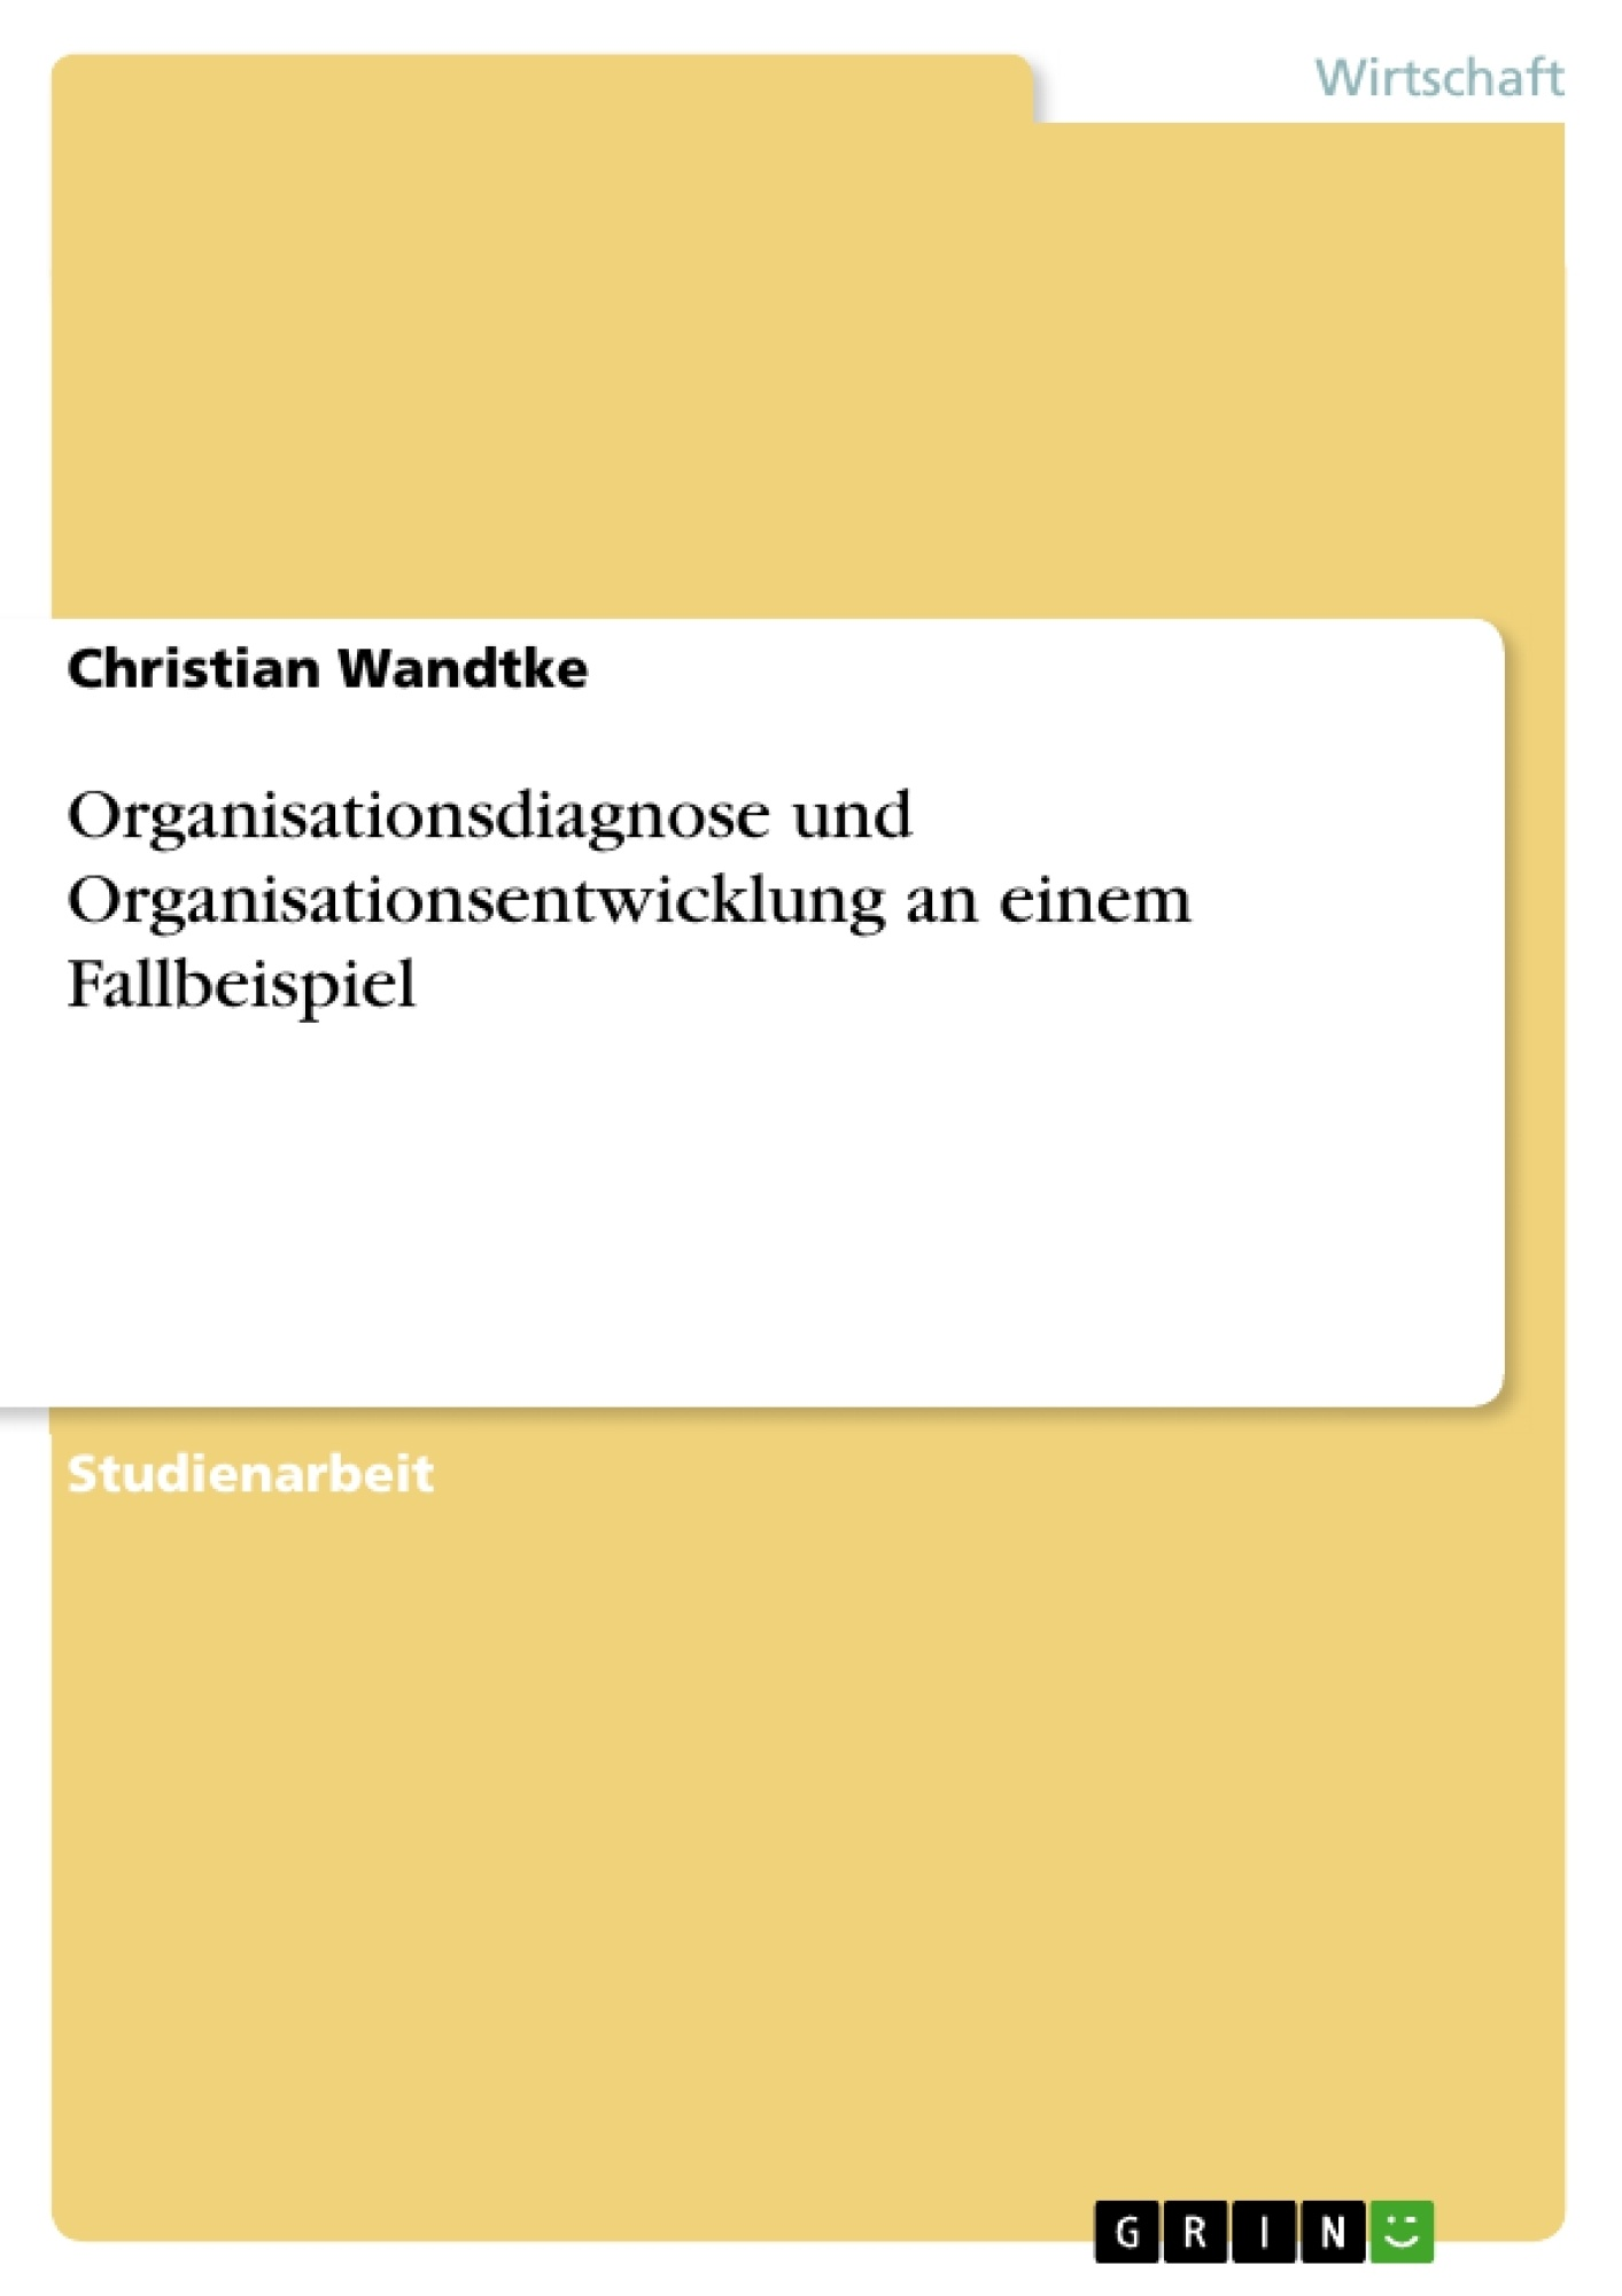 Titel: Organisationsdiagnose und Organisationsentwicklung an einem Fallbeispiel